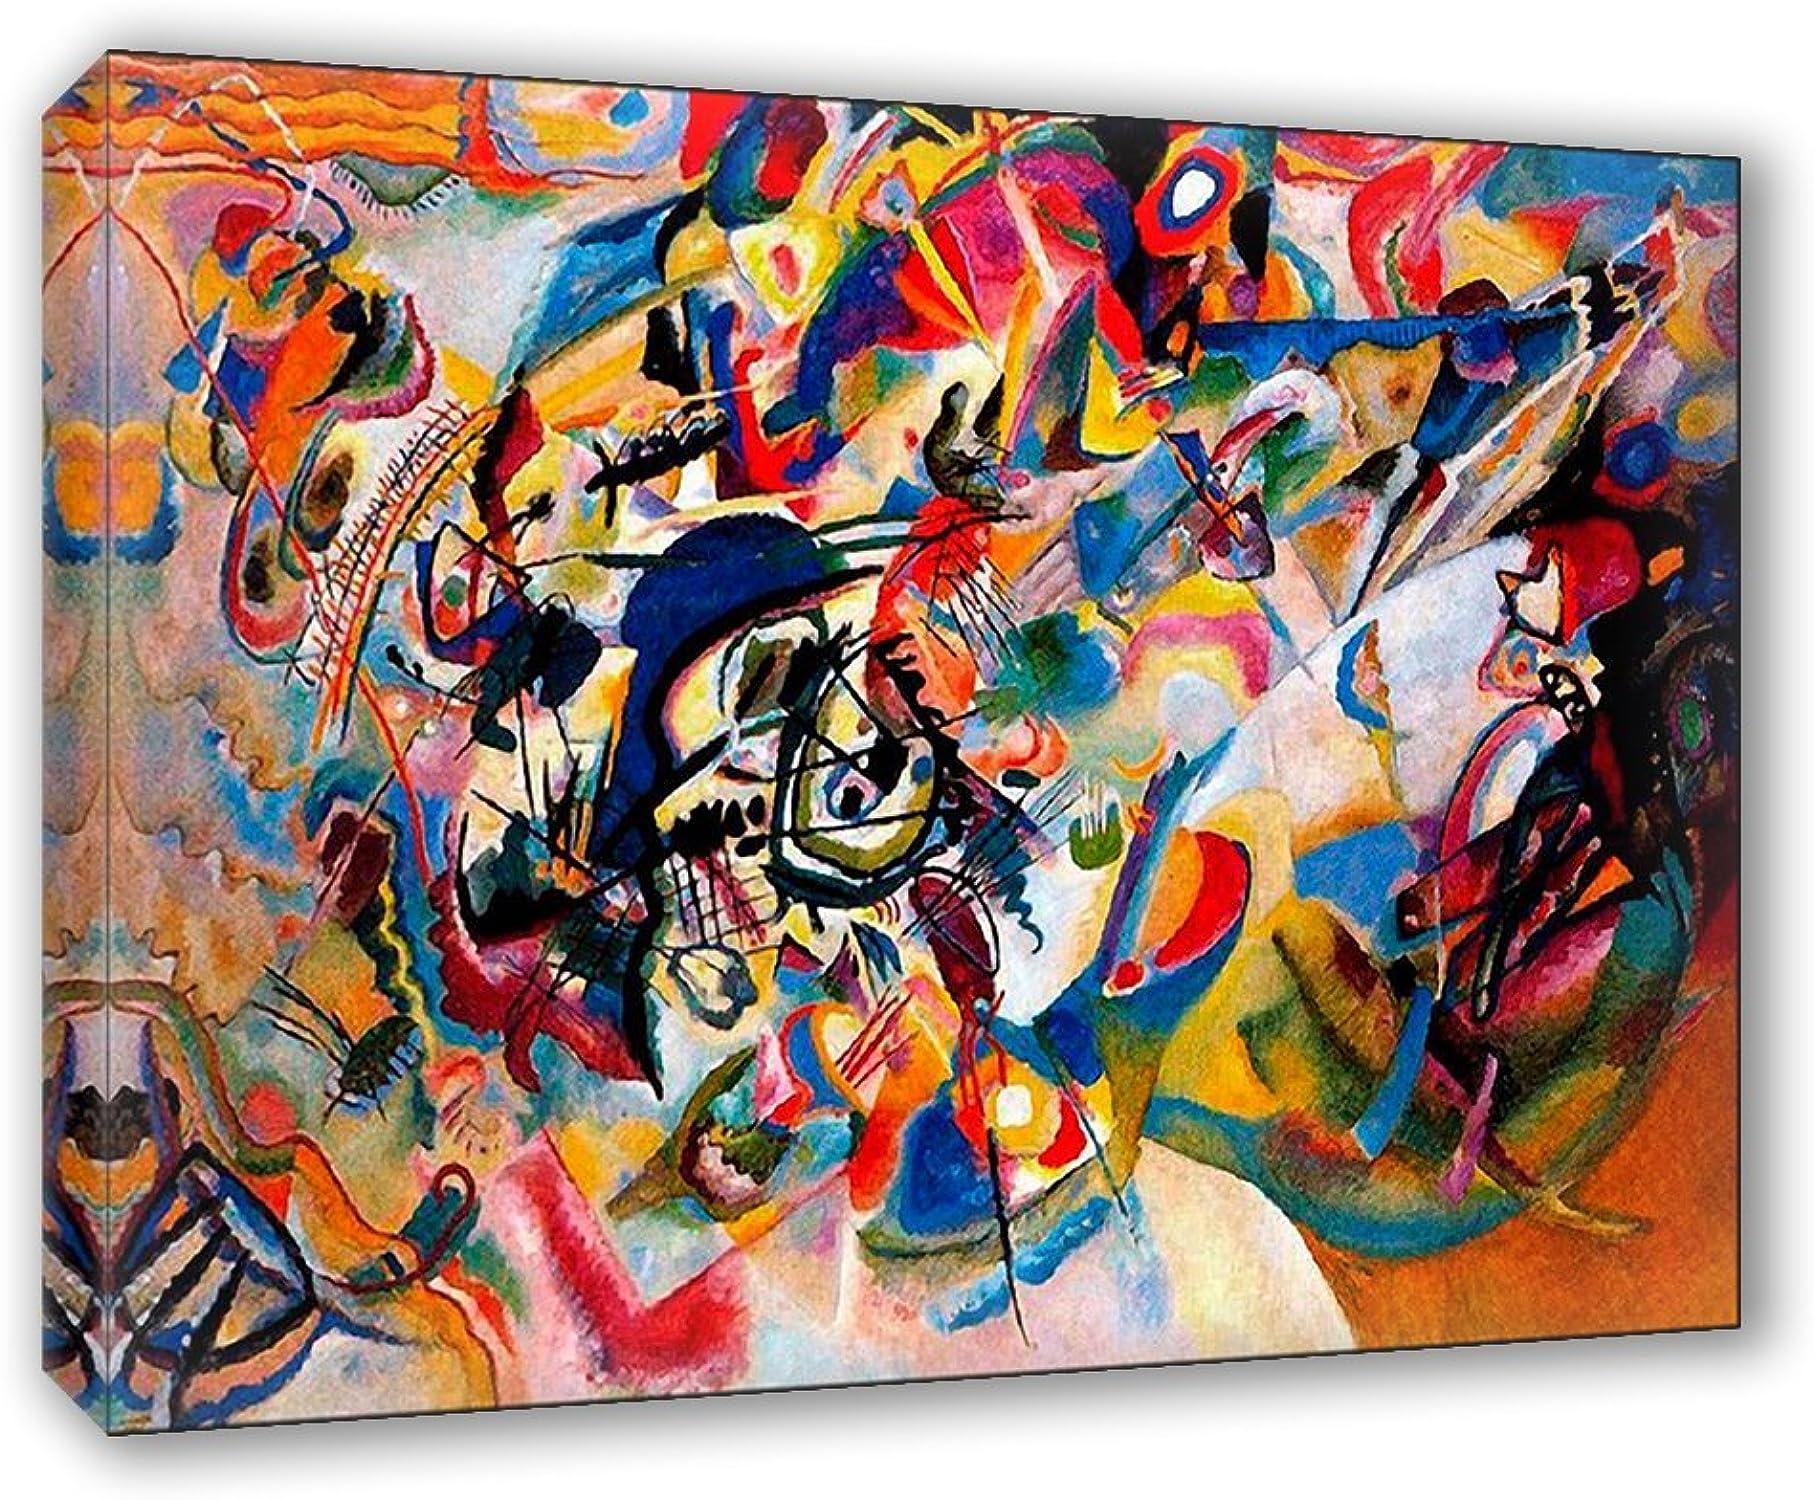 comprar ahora Cuadro sobre lienzo il Meglio del arte 70x 70x 70x 100cm) Composición VII–Kandinsky  Venta barata